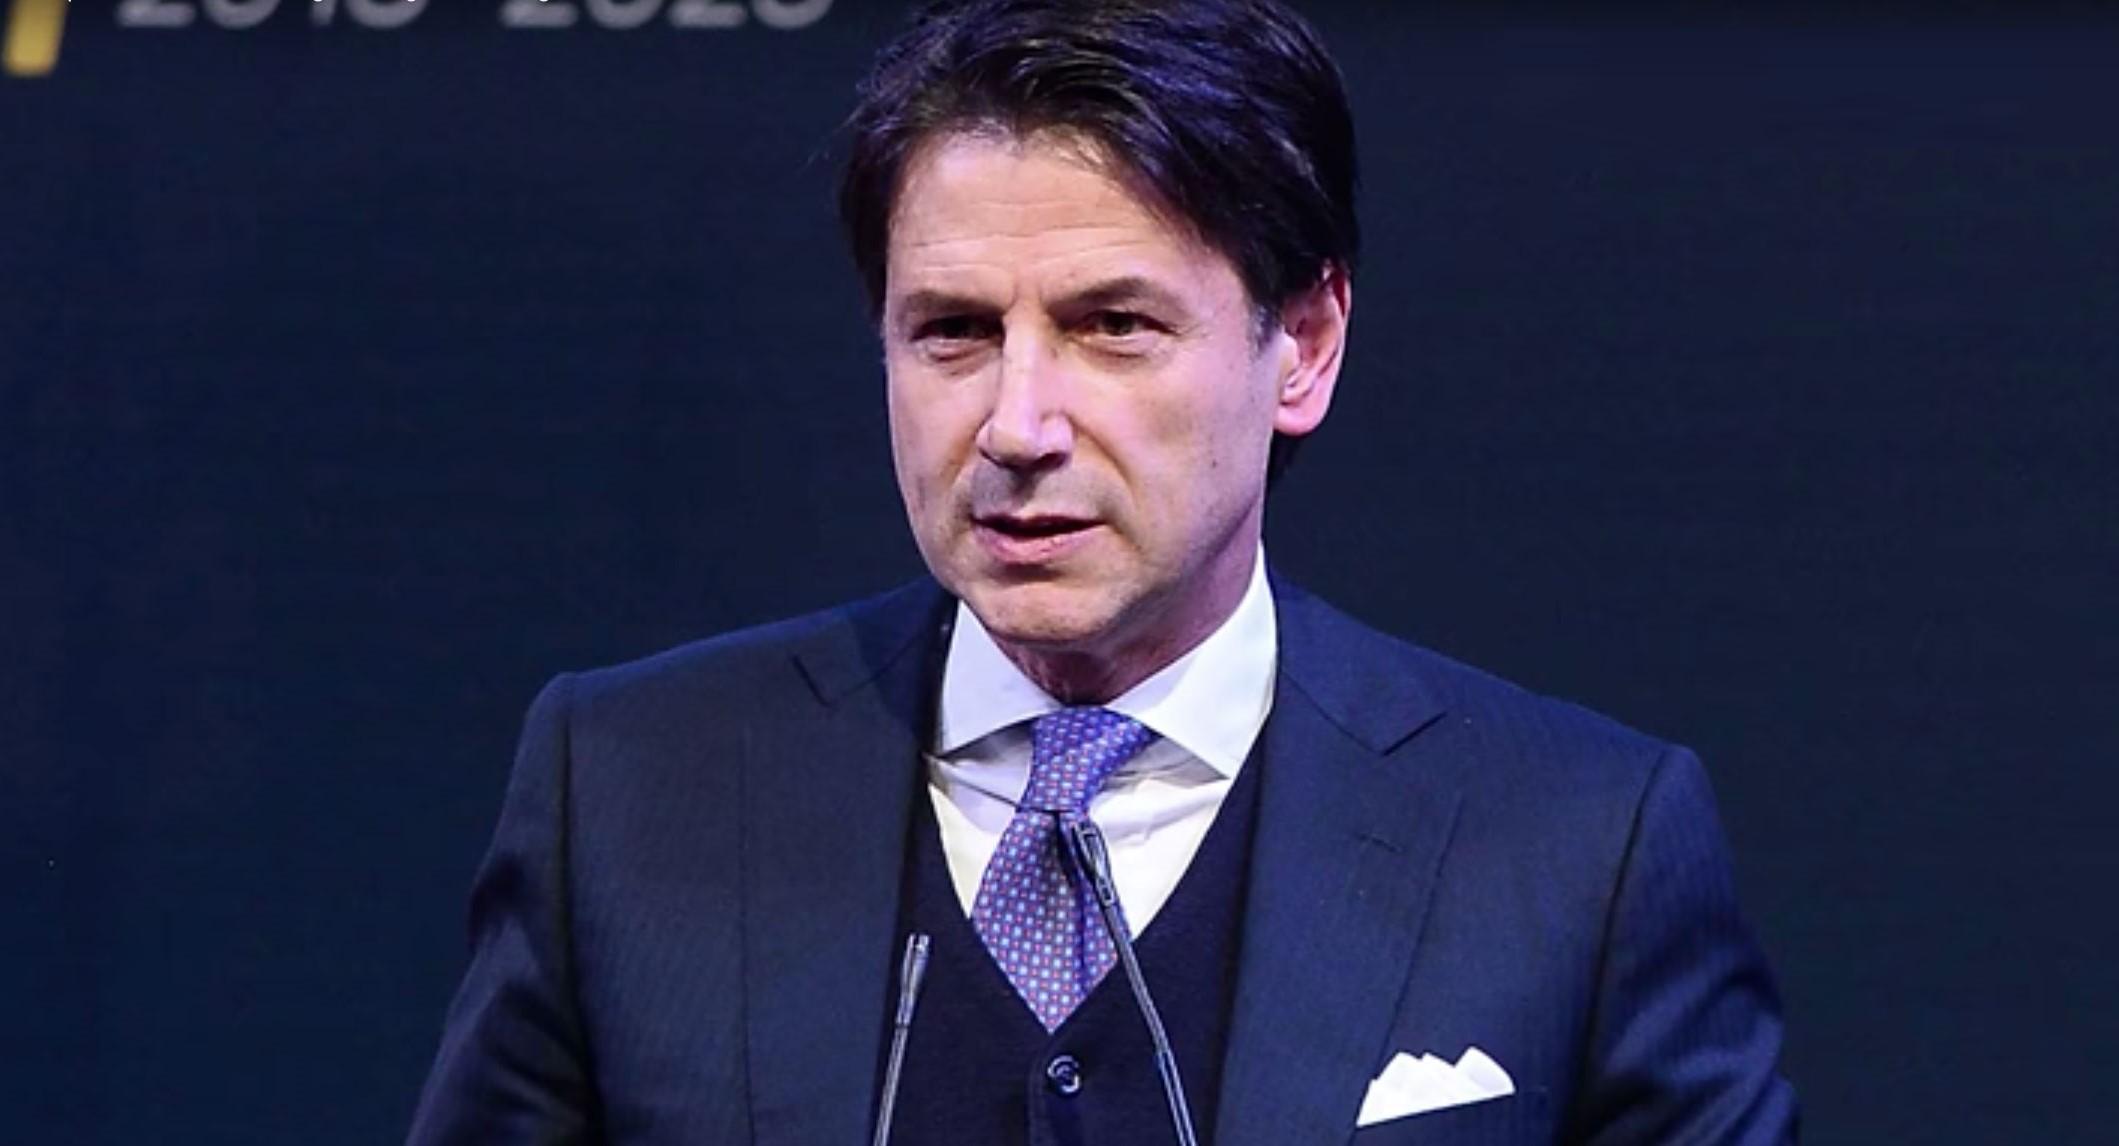 استقالة رئيس وزراء إيطاليا ومشاورات لتشكيل حكومة جديدة